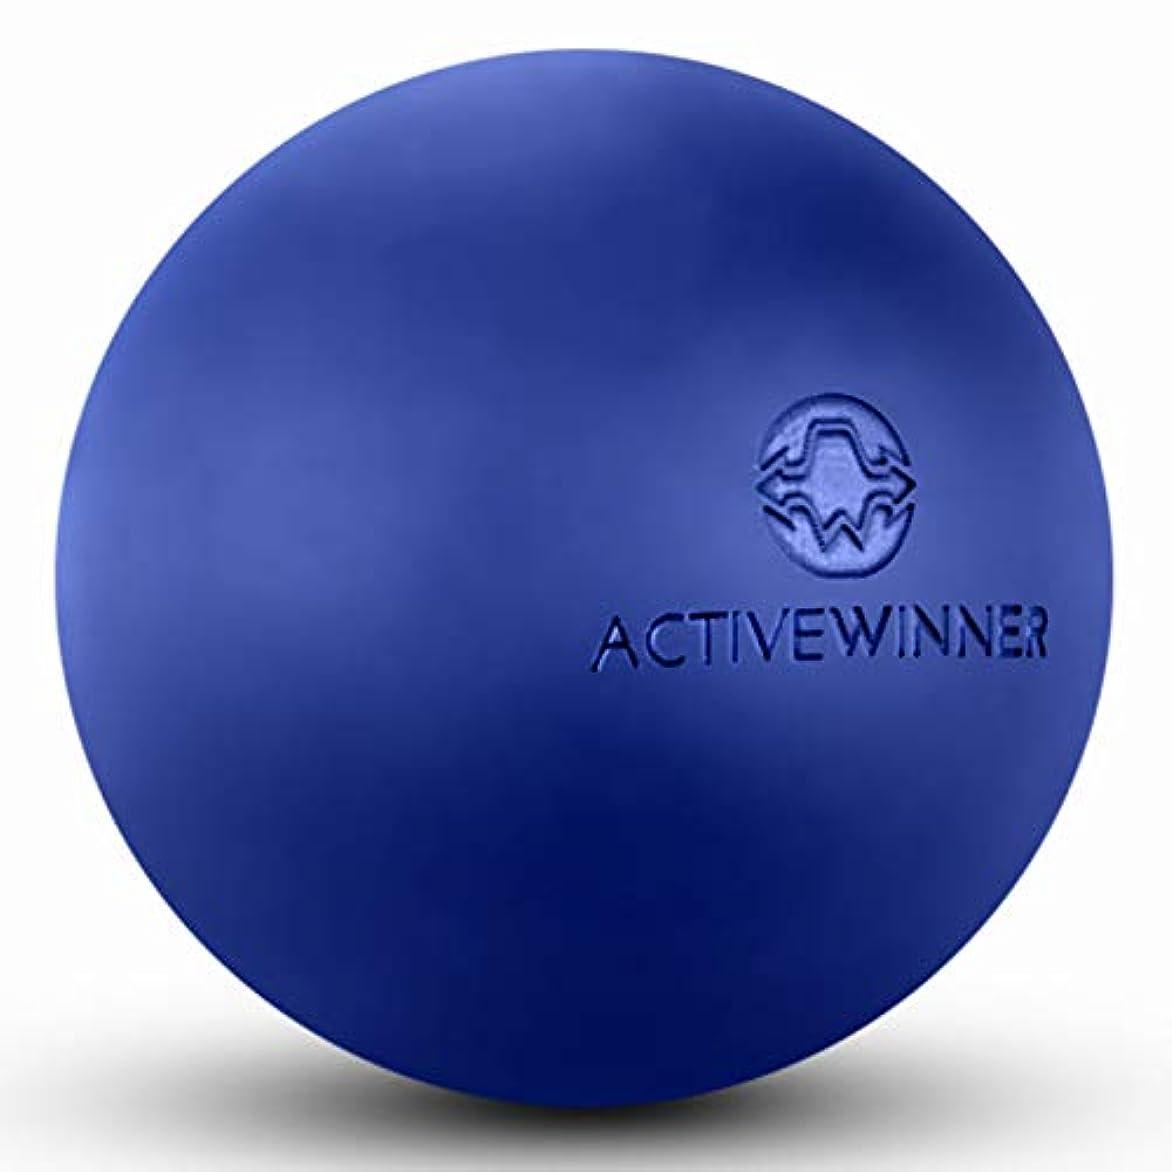 緯度国民傀儡Active Winner マッサージボール トリガーポイント (ネイビー) ストレッチボール 筋膜リリース トレーニング 背中 肩こり 腰 ふくらはぎ 足 ツボ押し